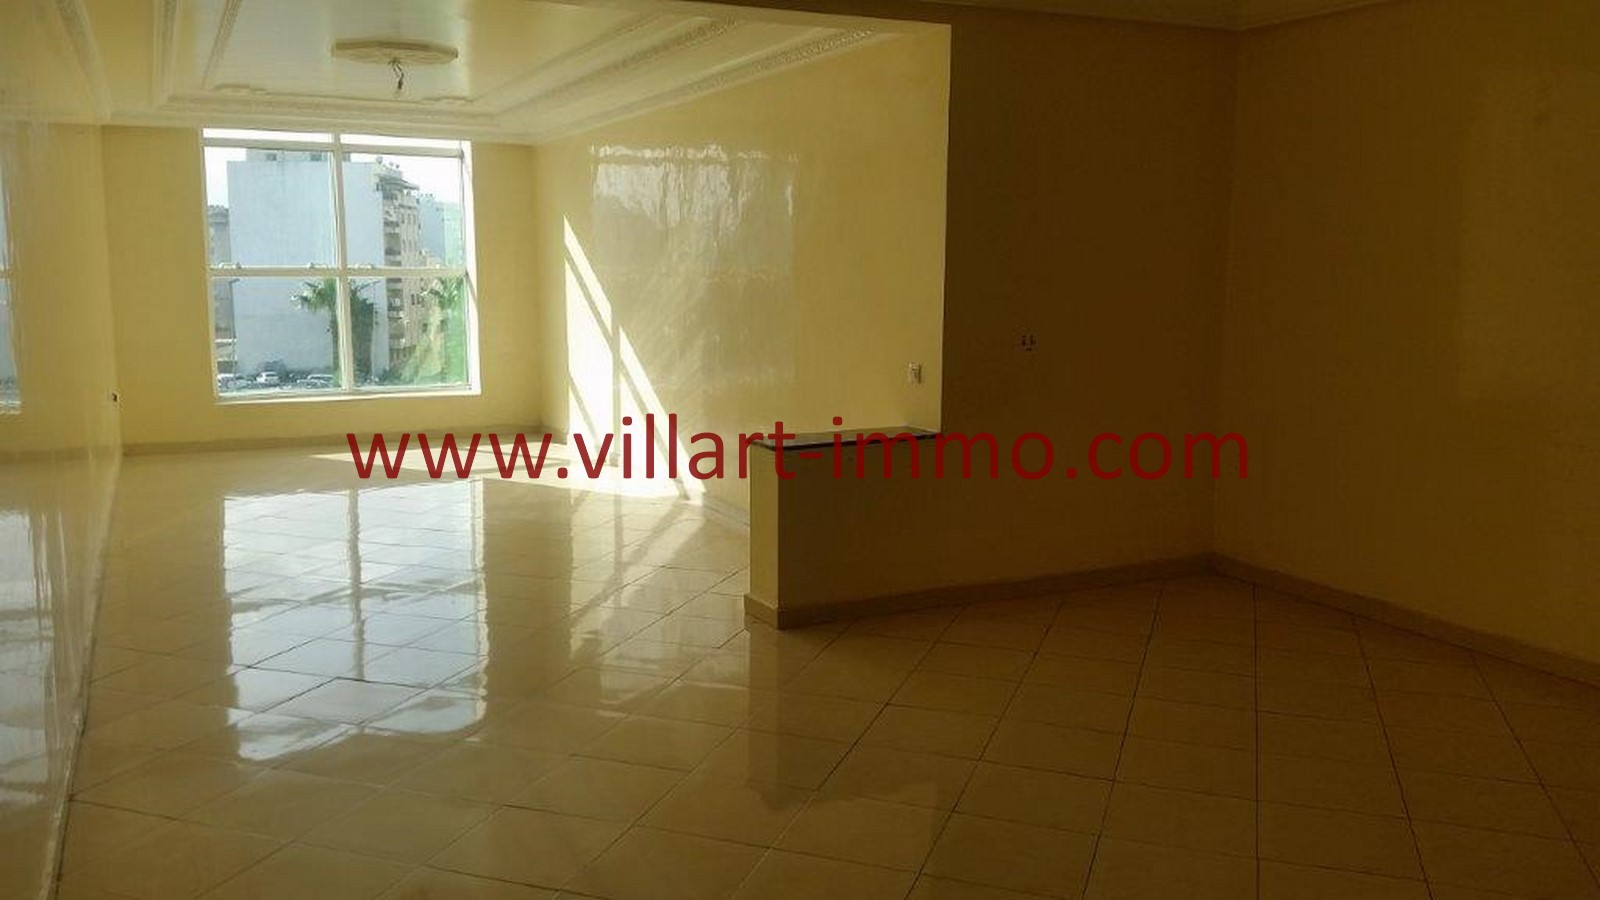 1-A louer-Tanger-Appartement-Non meublée-Centre ville-Salon-L1029